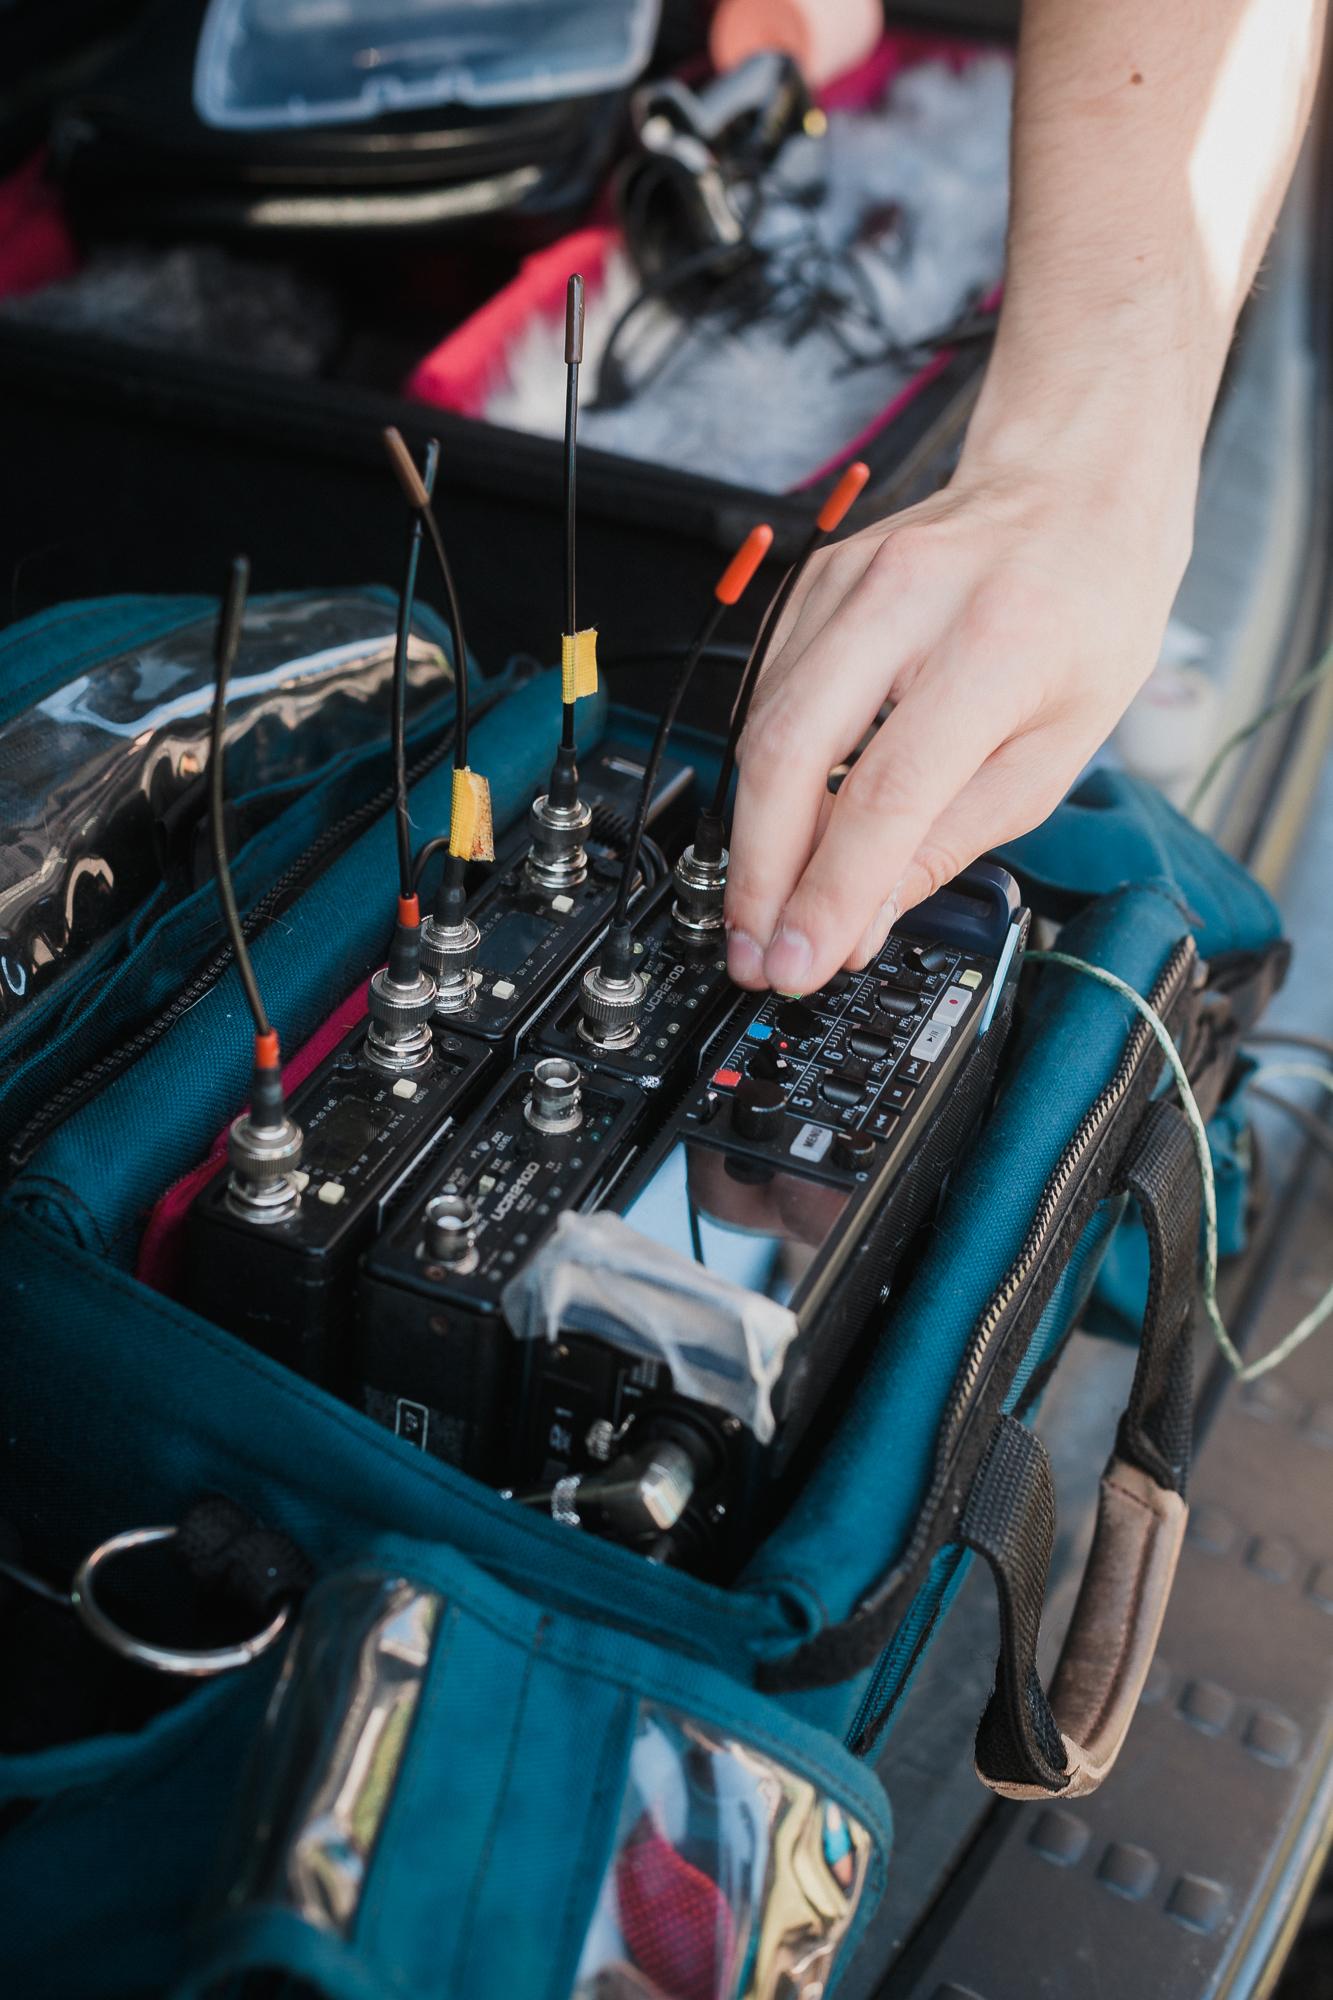 Field audio on film sets